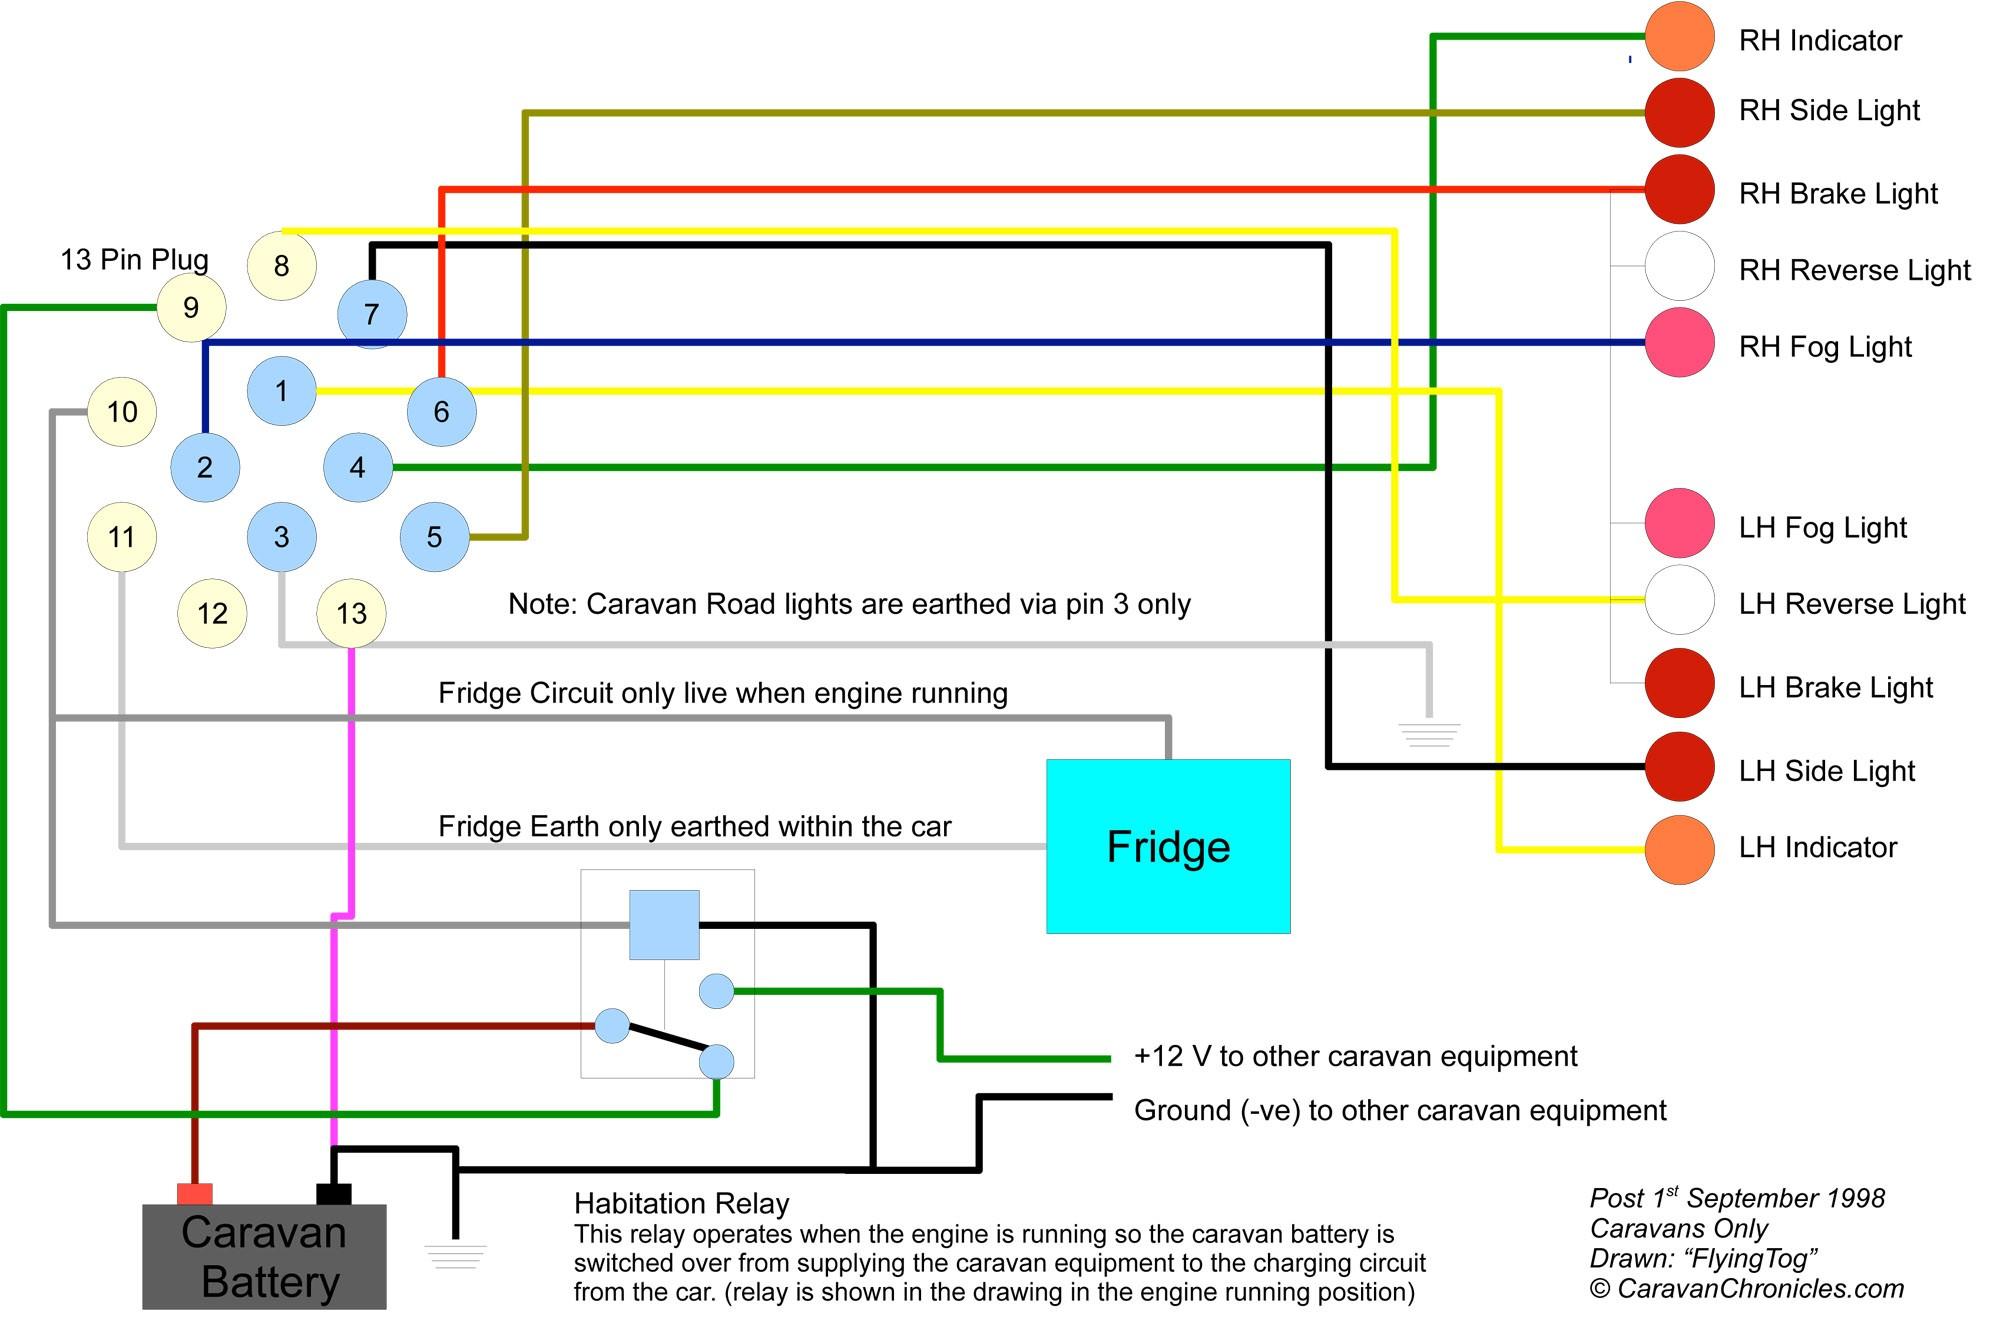 2008 Dodge Caravan Tail Light Wiring 2008 Dodge Caravan Wiring Diagram Wiring Diagram Data Of 2008 Dodge Caravan Tail Light Wiring